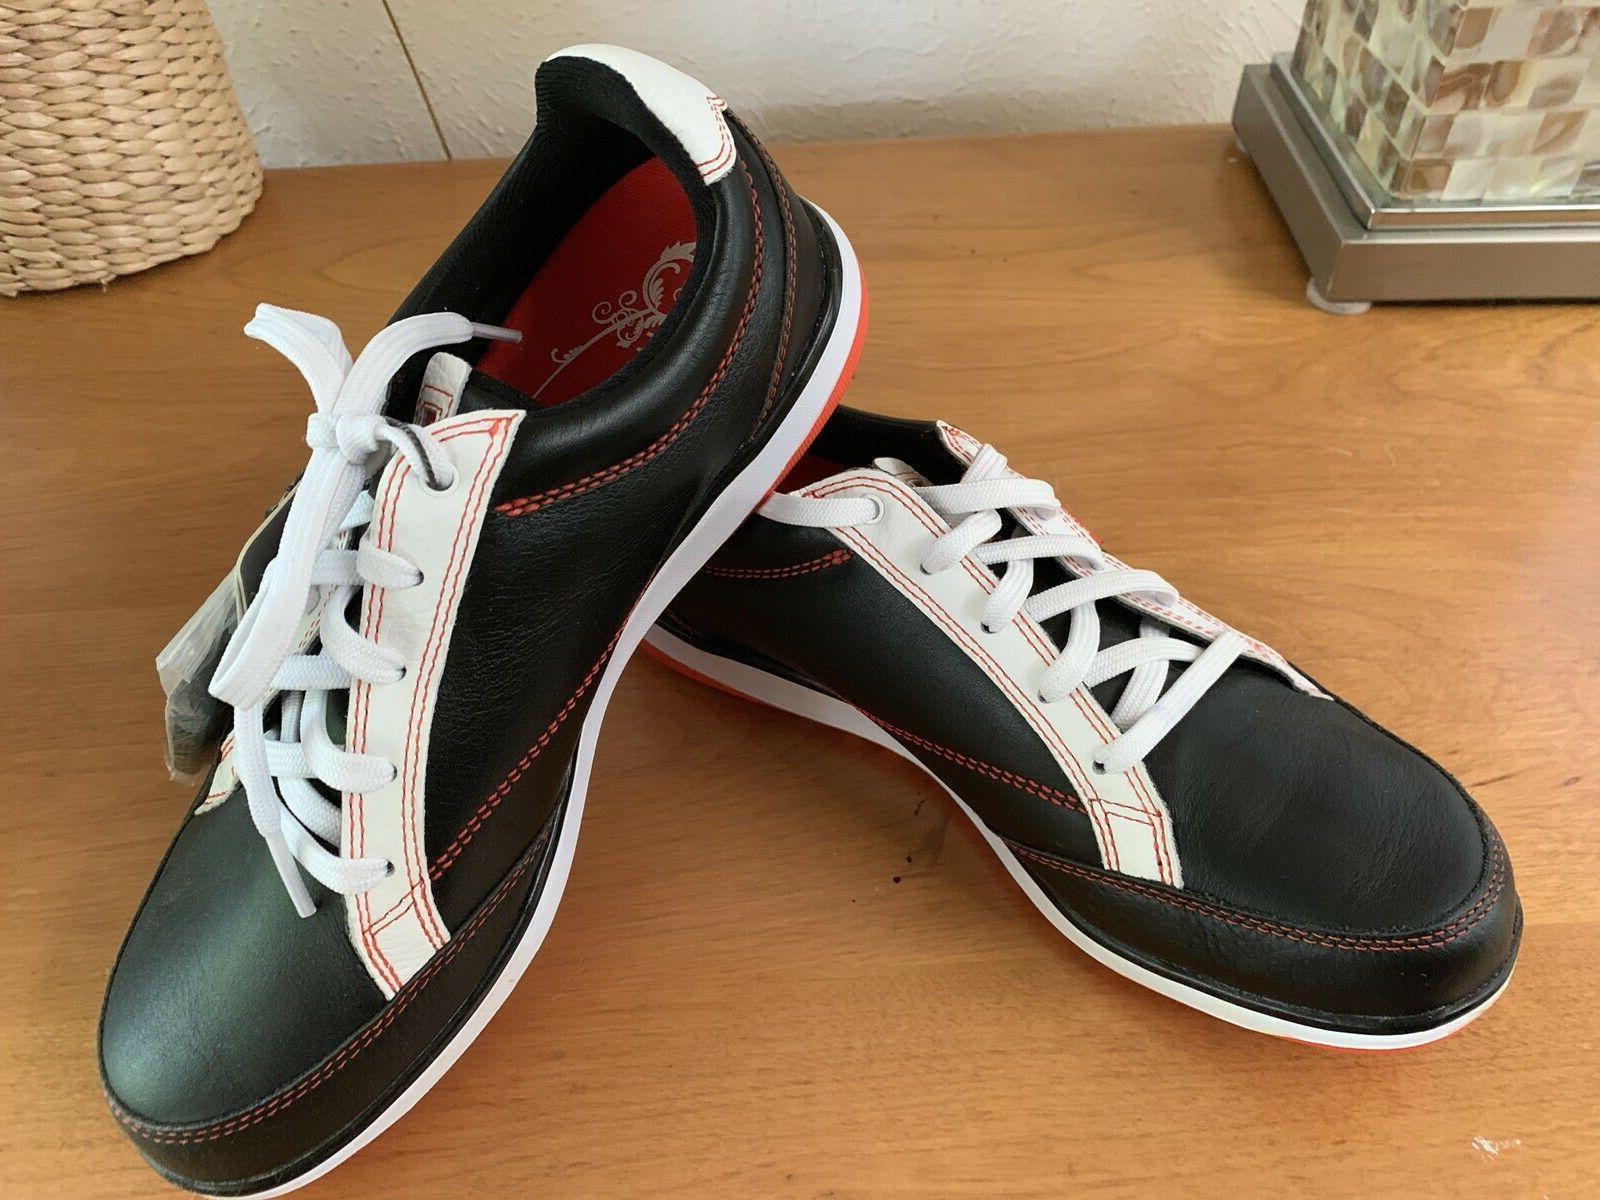 Ashworth Cardiff Womens Shoe 6.5 Black/Orange Leather